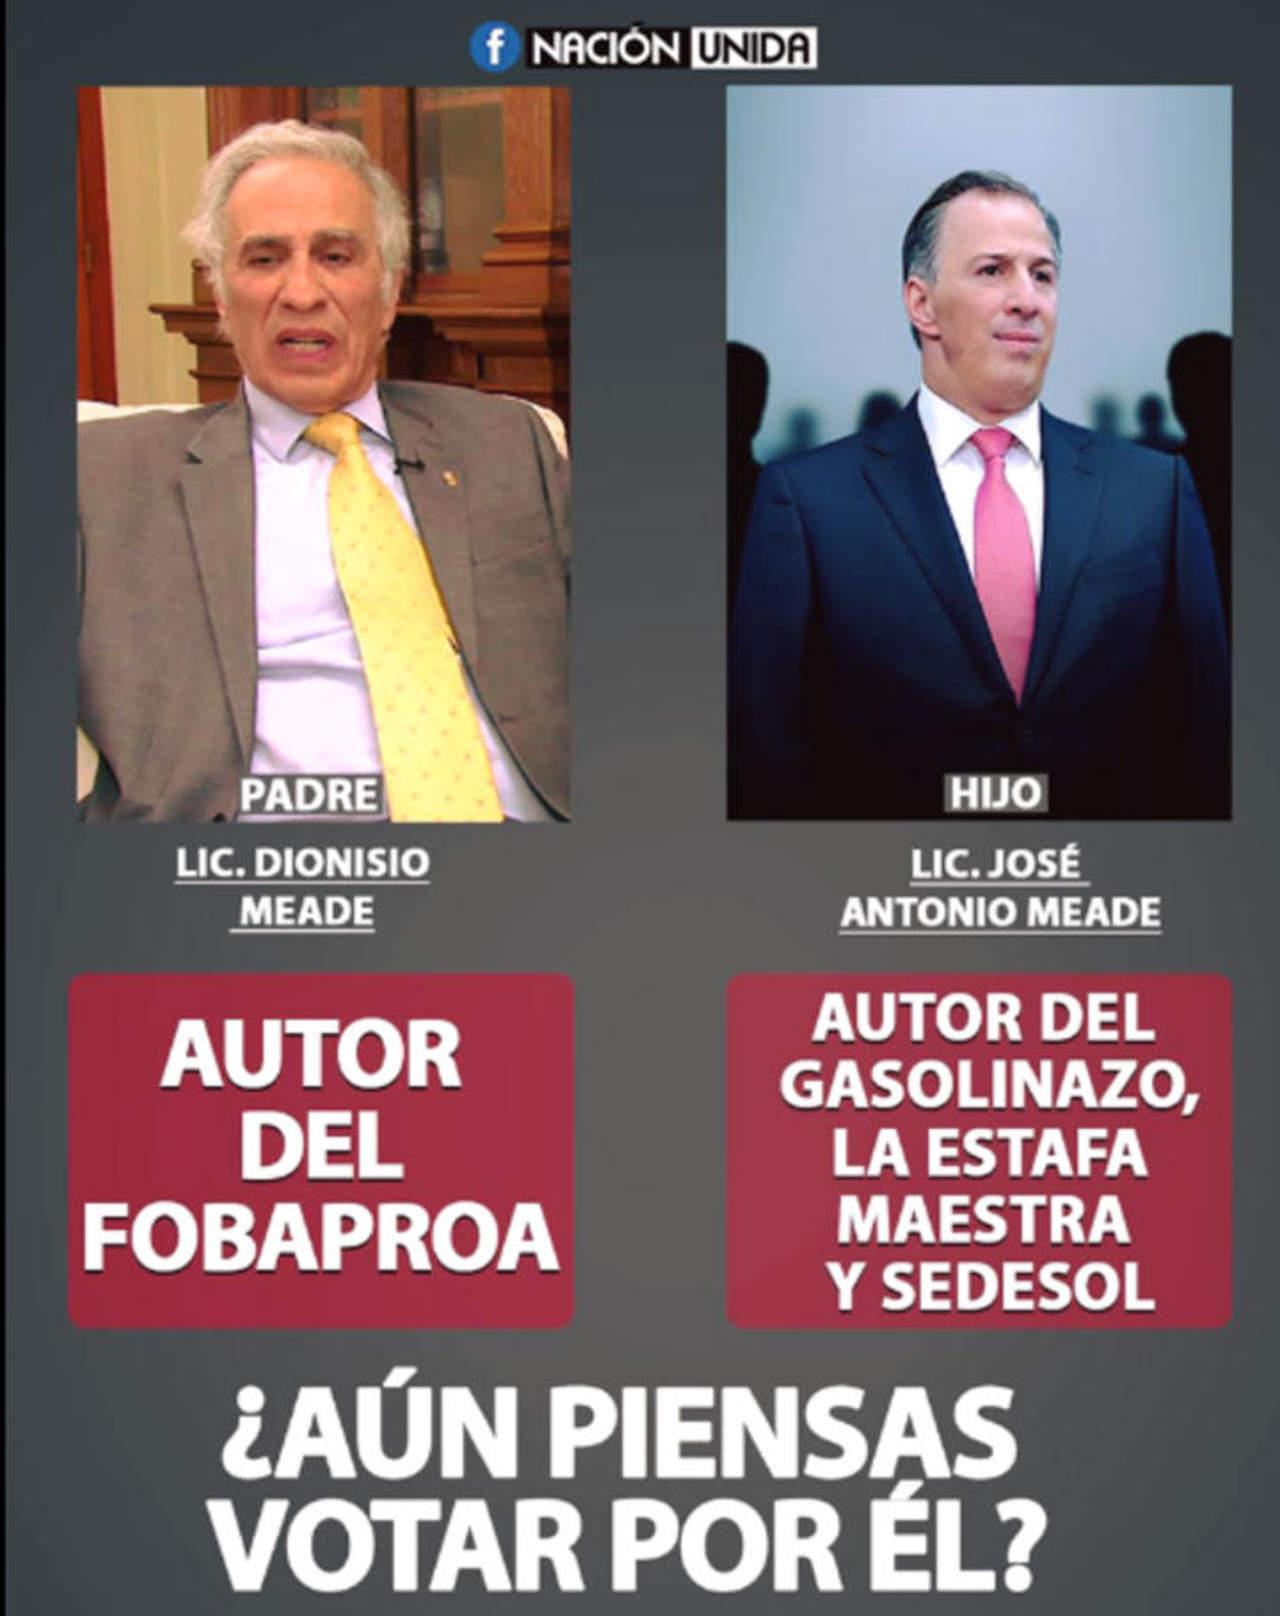 Padre de José Antonio Meade no es el autor del Fobaproa. Noticias en tiempo real